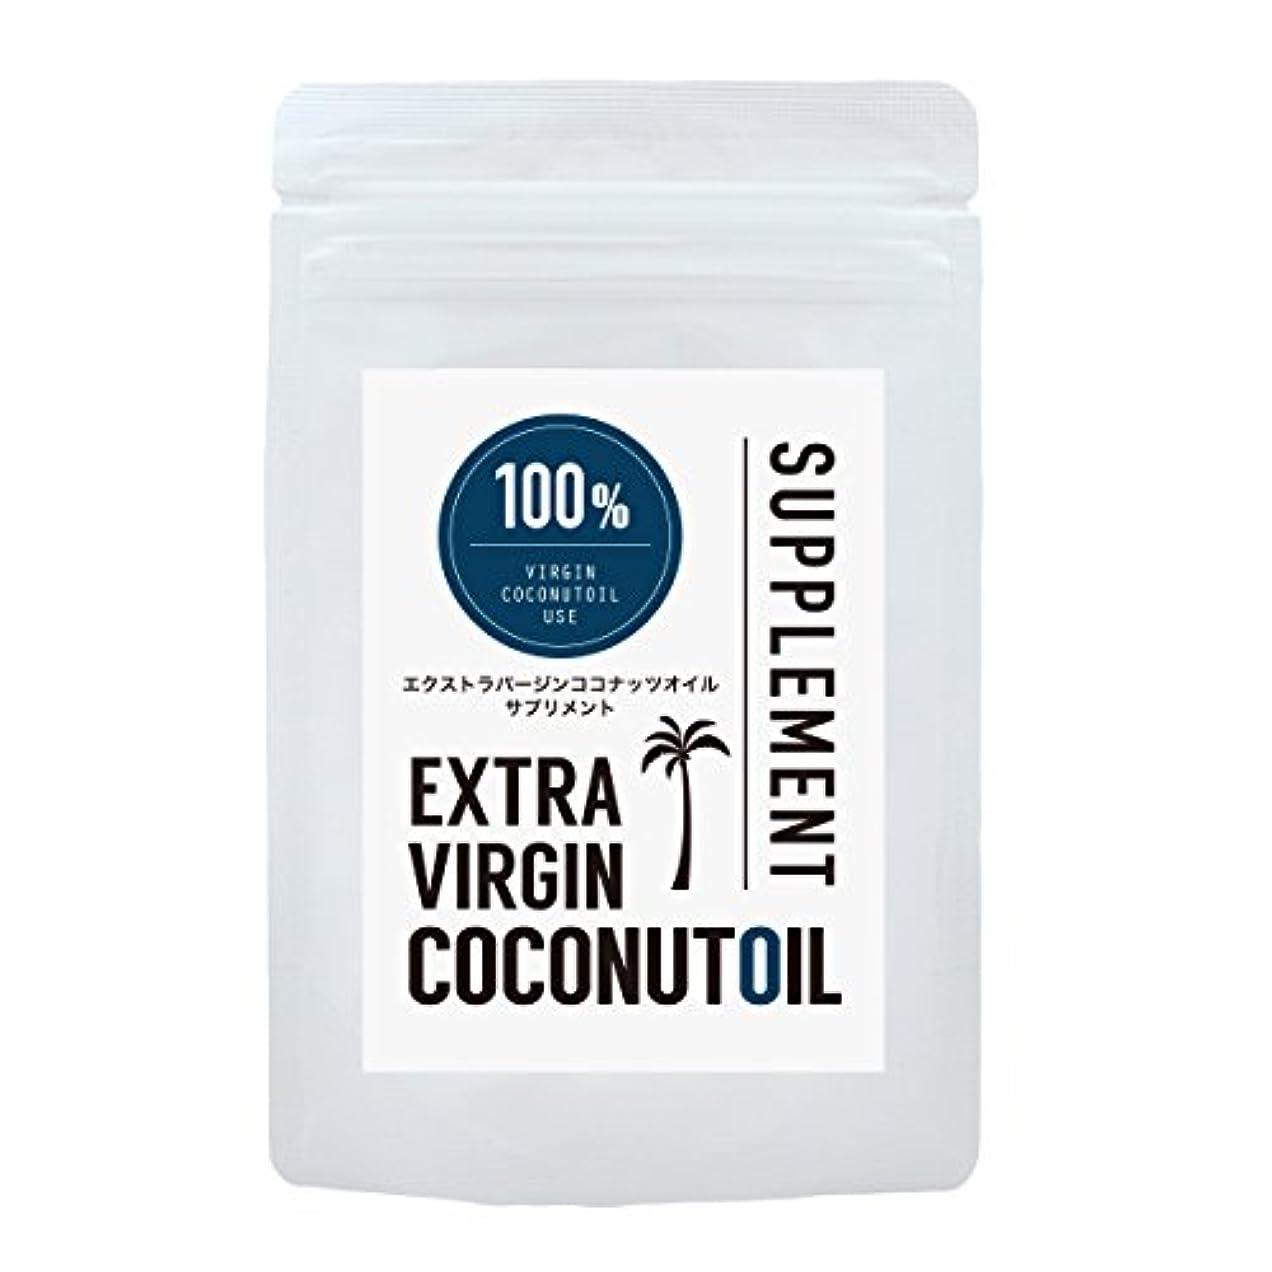 従順にんじん衝動エクストラヴァージン ココナッツオイル サプリメント 90粒入り 無臭 カプセルタイプ